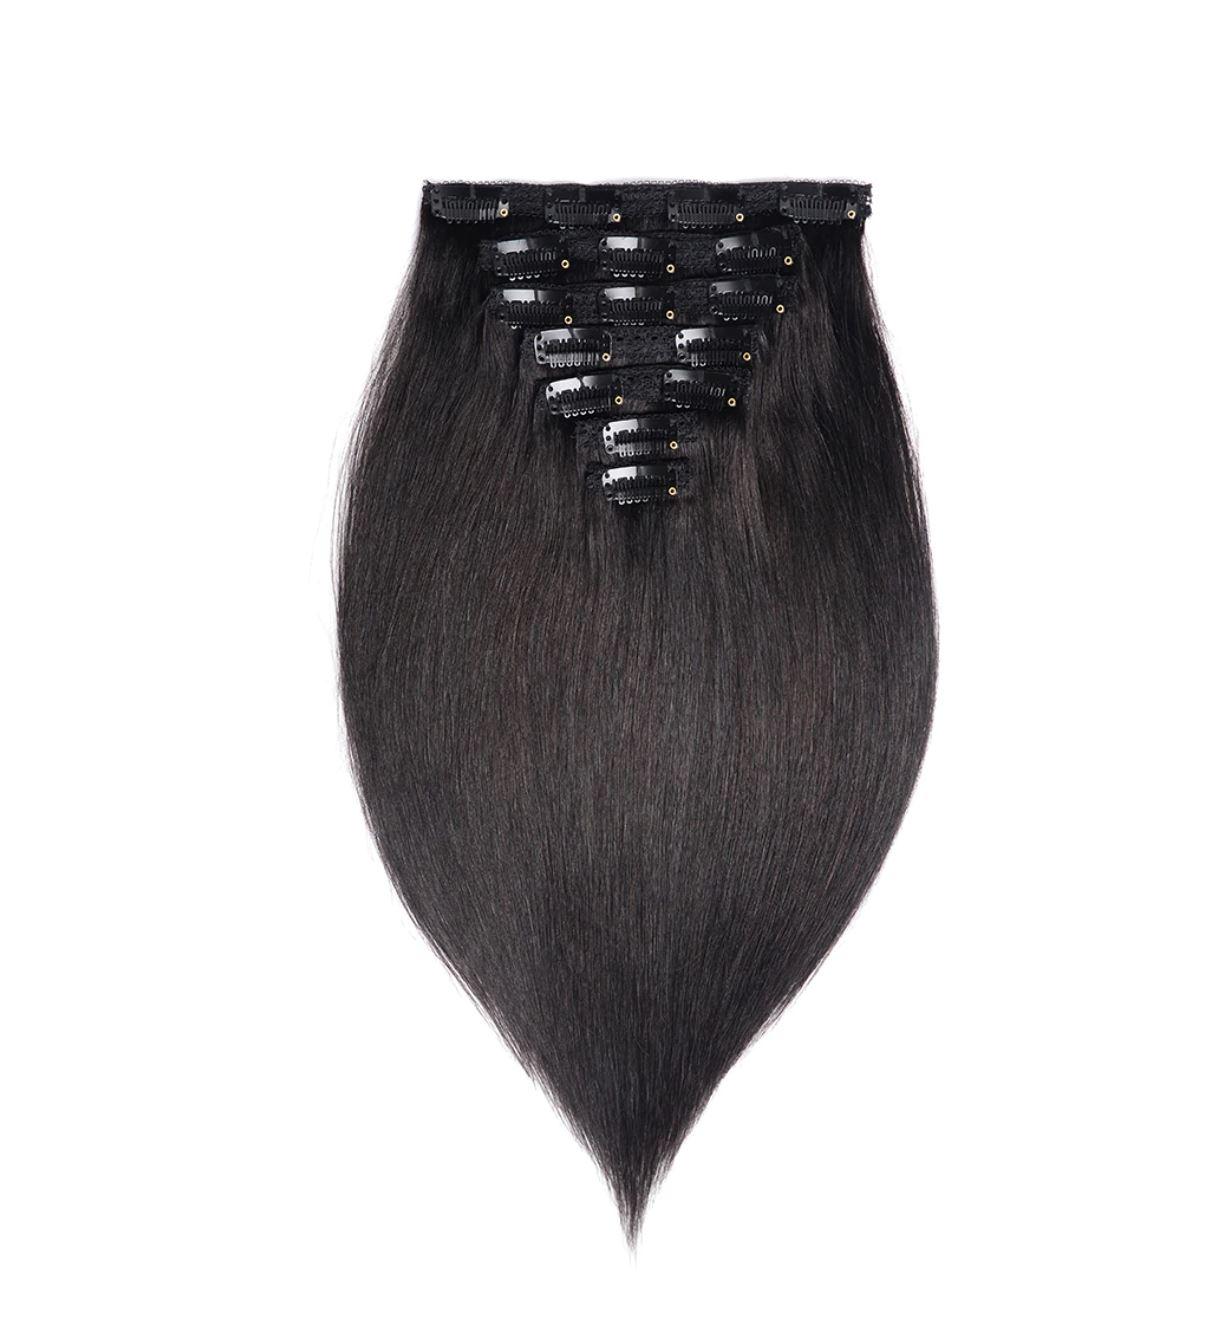 Clip-on sæt hårforlængelsesmetode